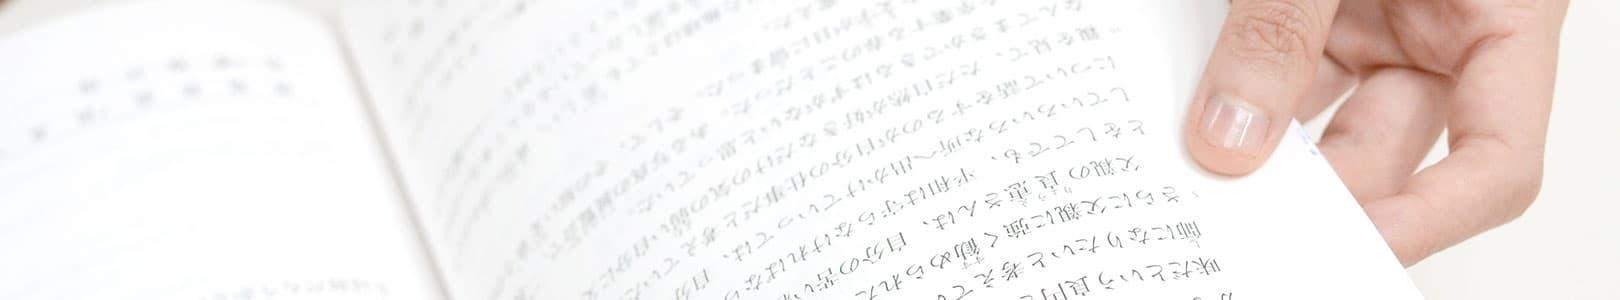 日文檢定技巧-文法